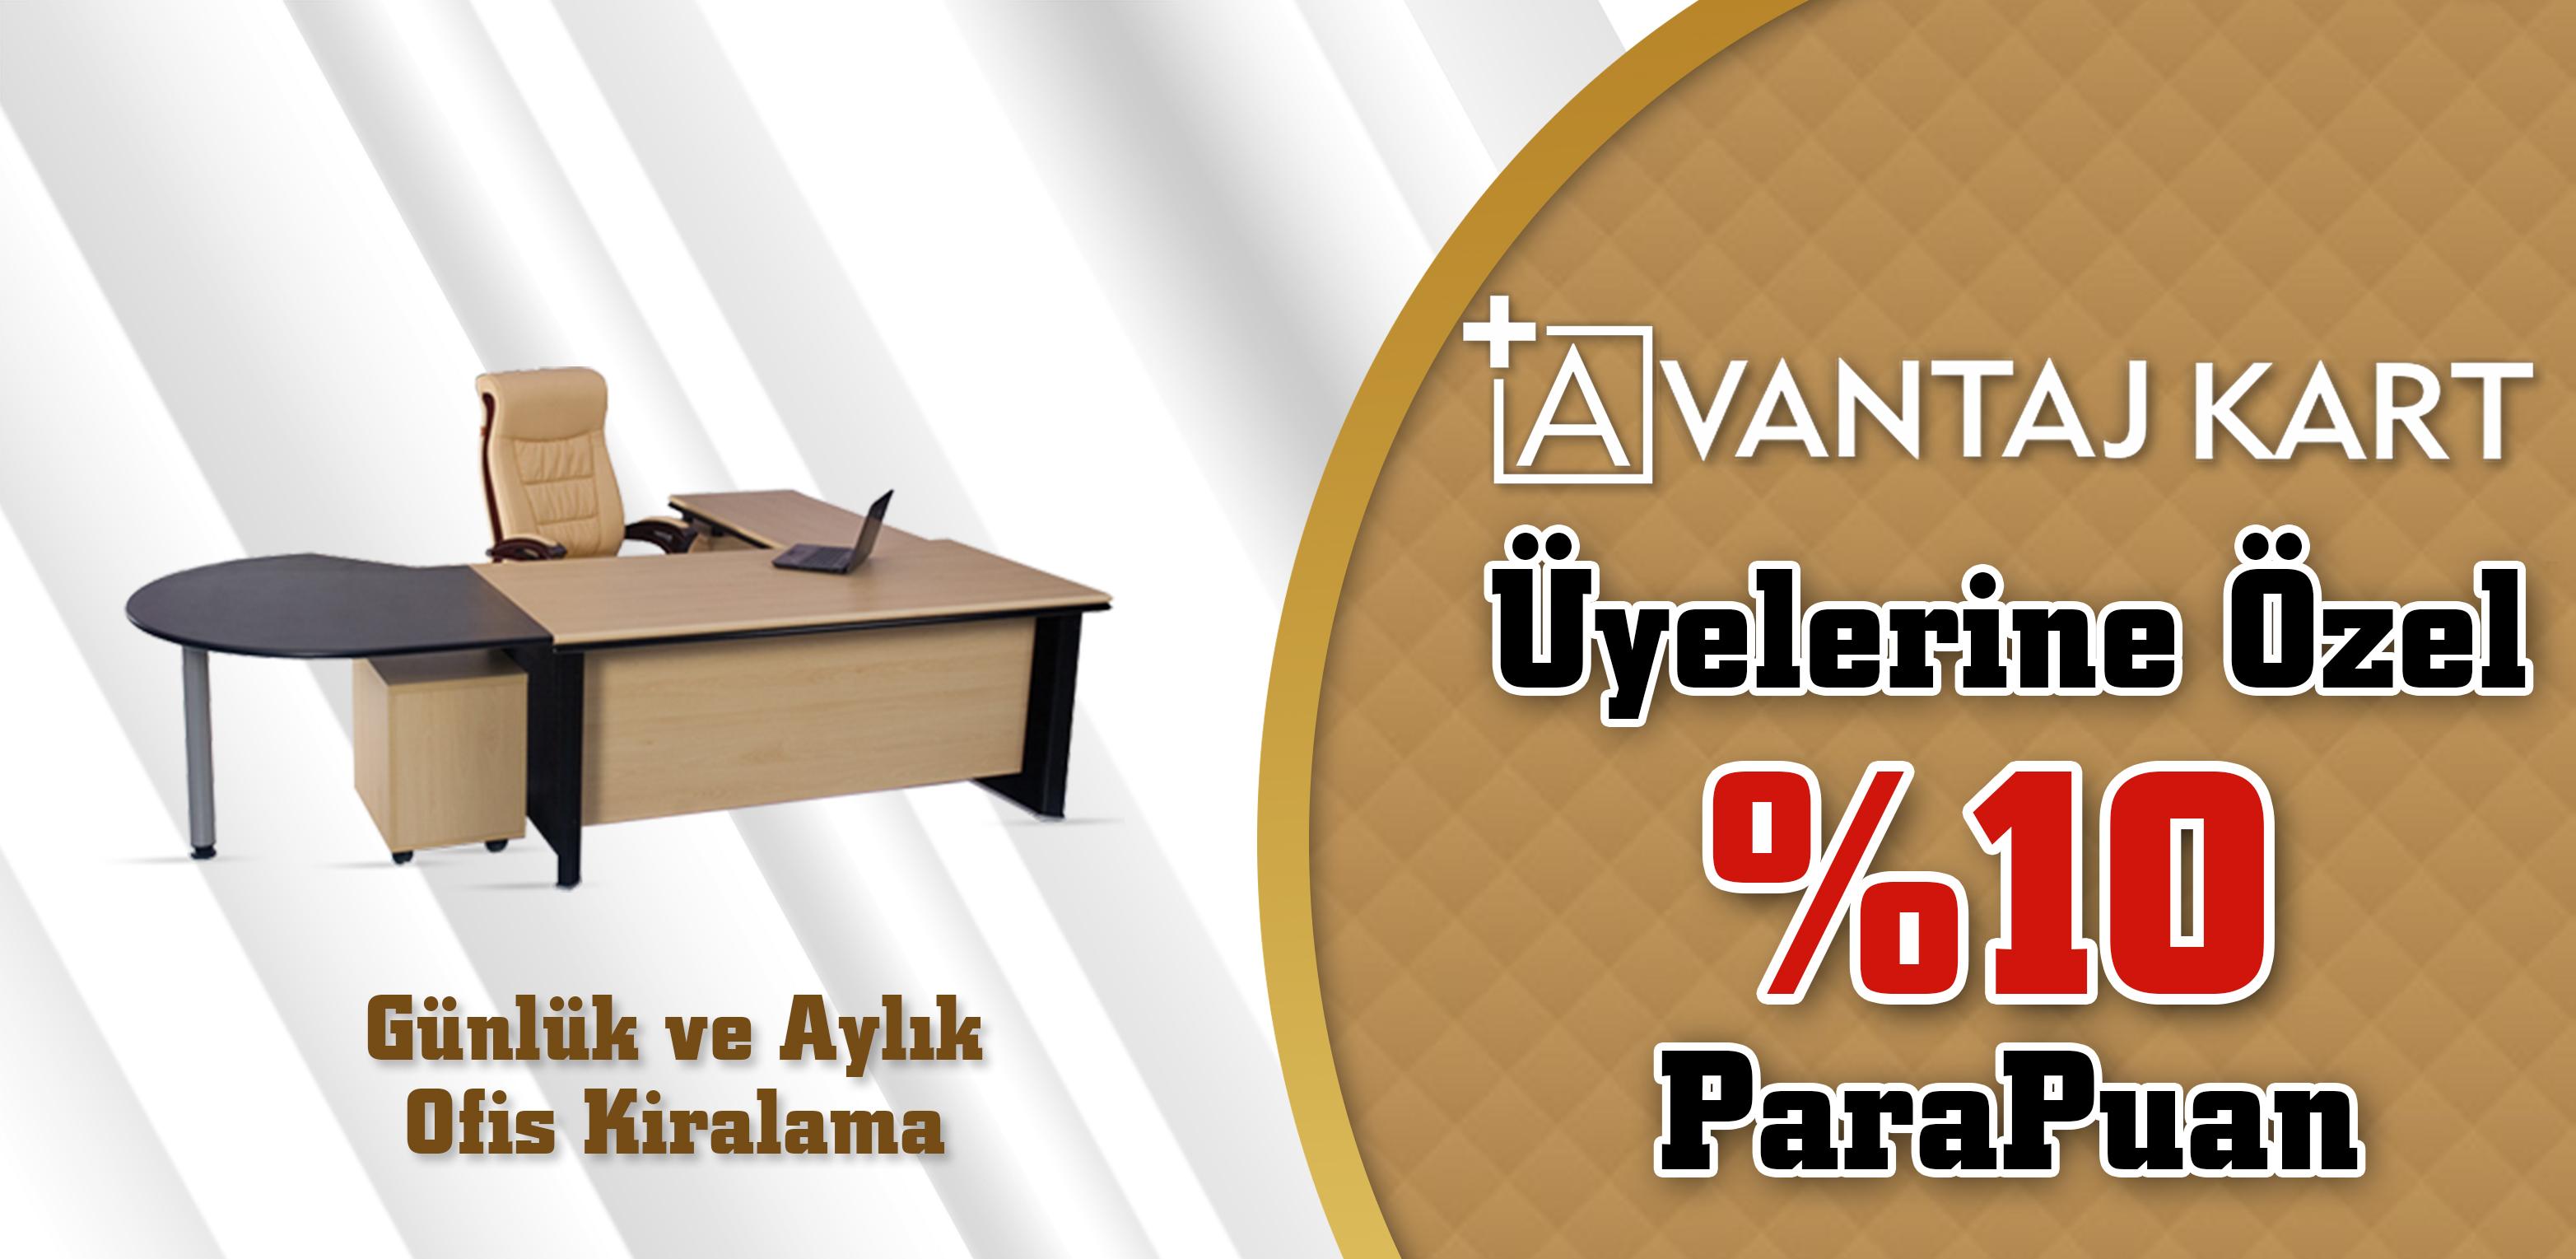 SANAL & HAZIR OFİS KİRALAMA HİZMETLERİ